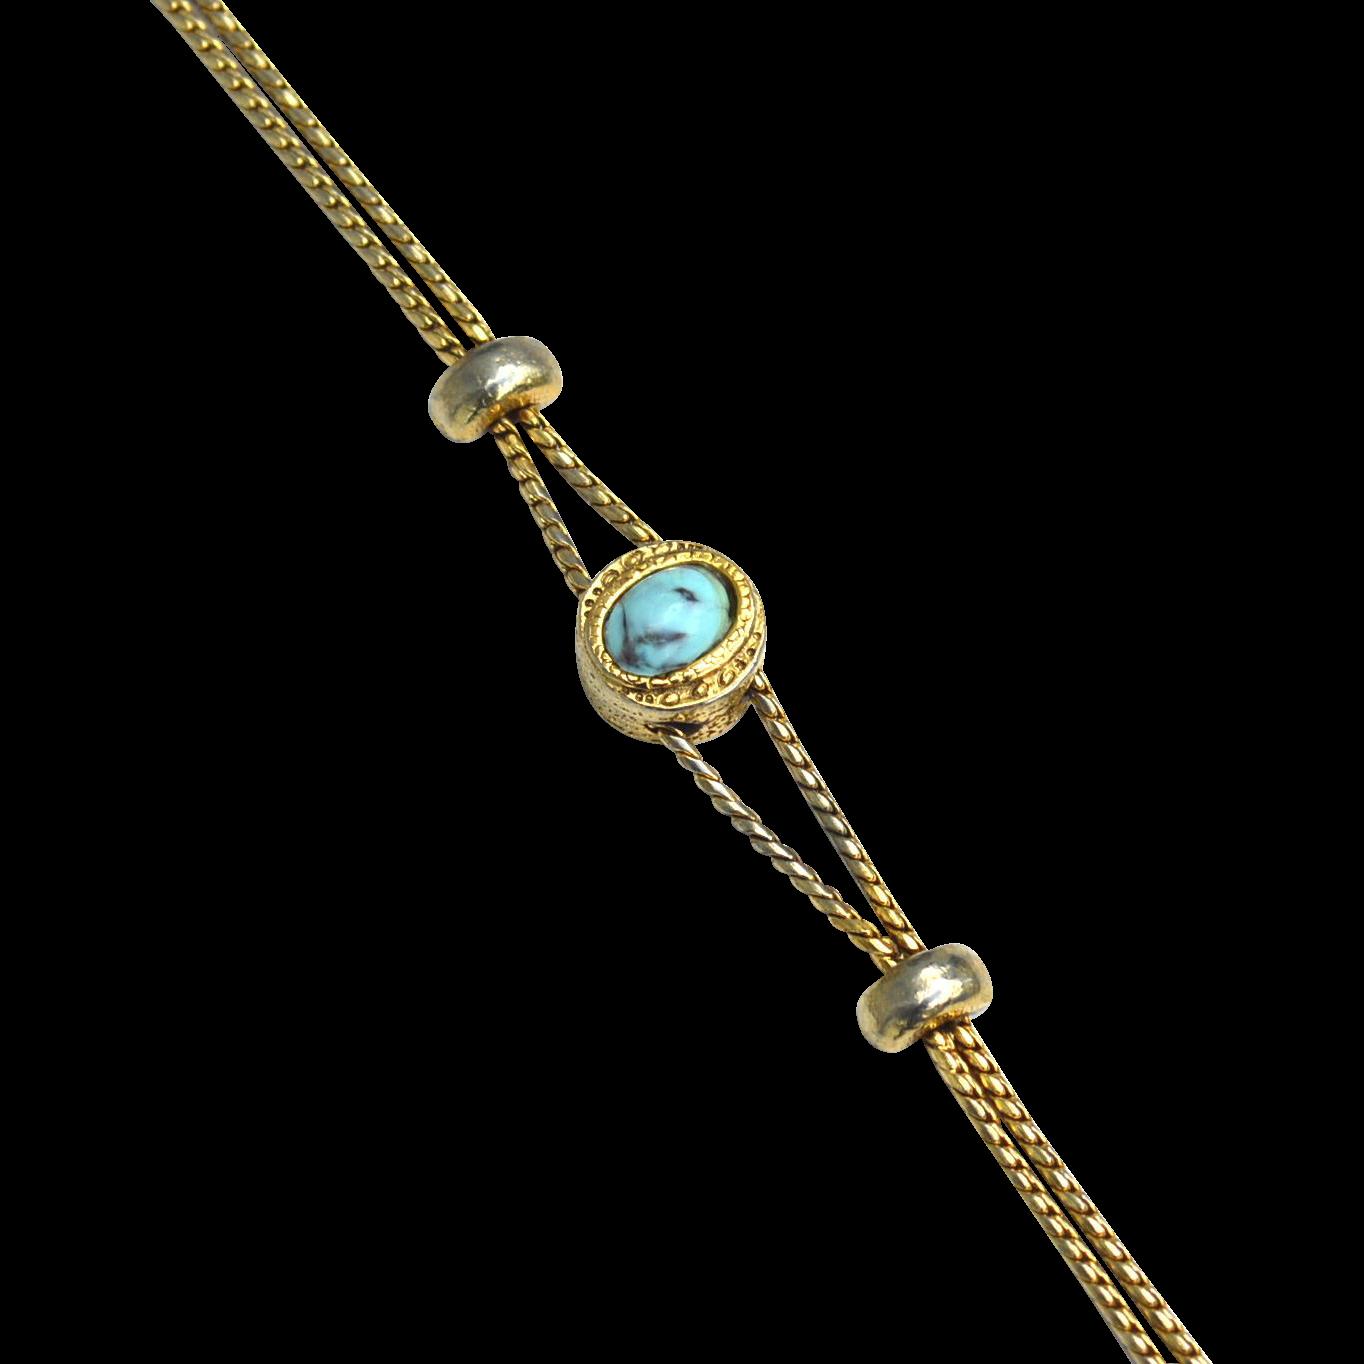 Vintage Signed GOLDETTE Faux Turquoise Victorian Revival Slide Bracelet